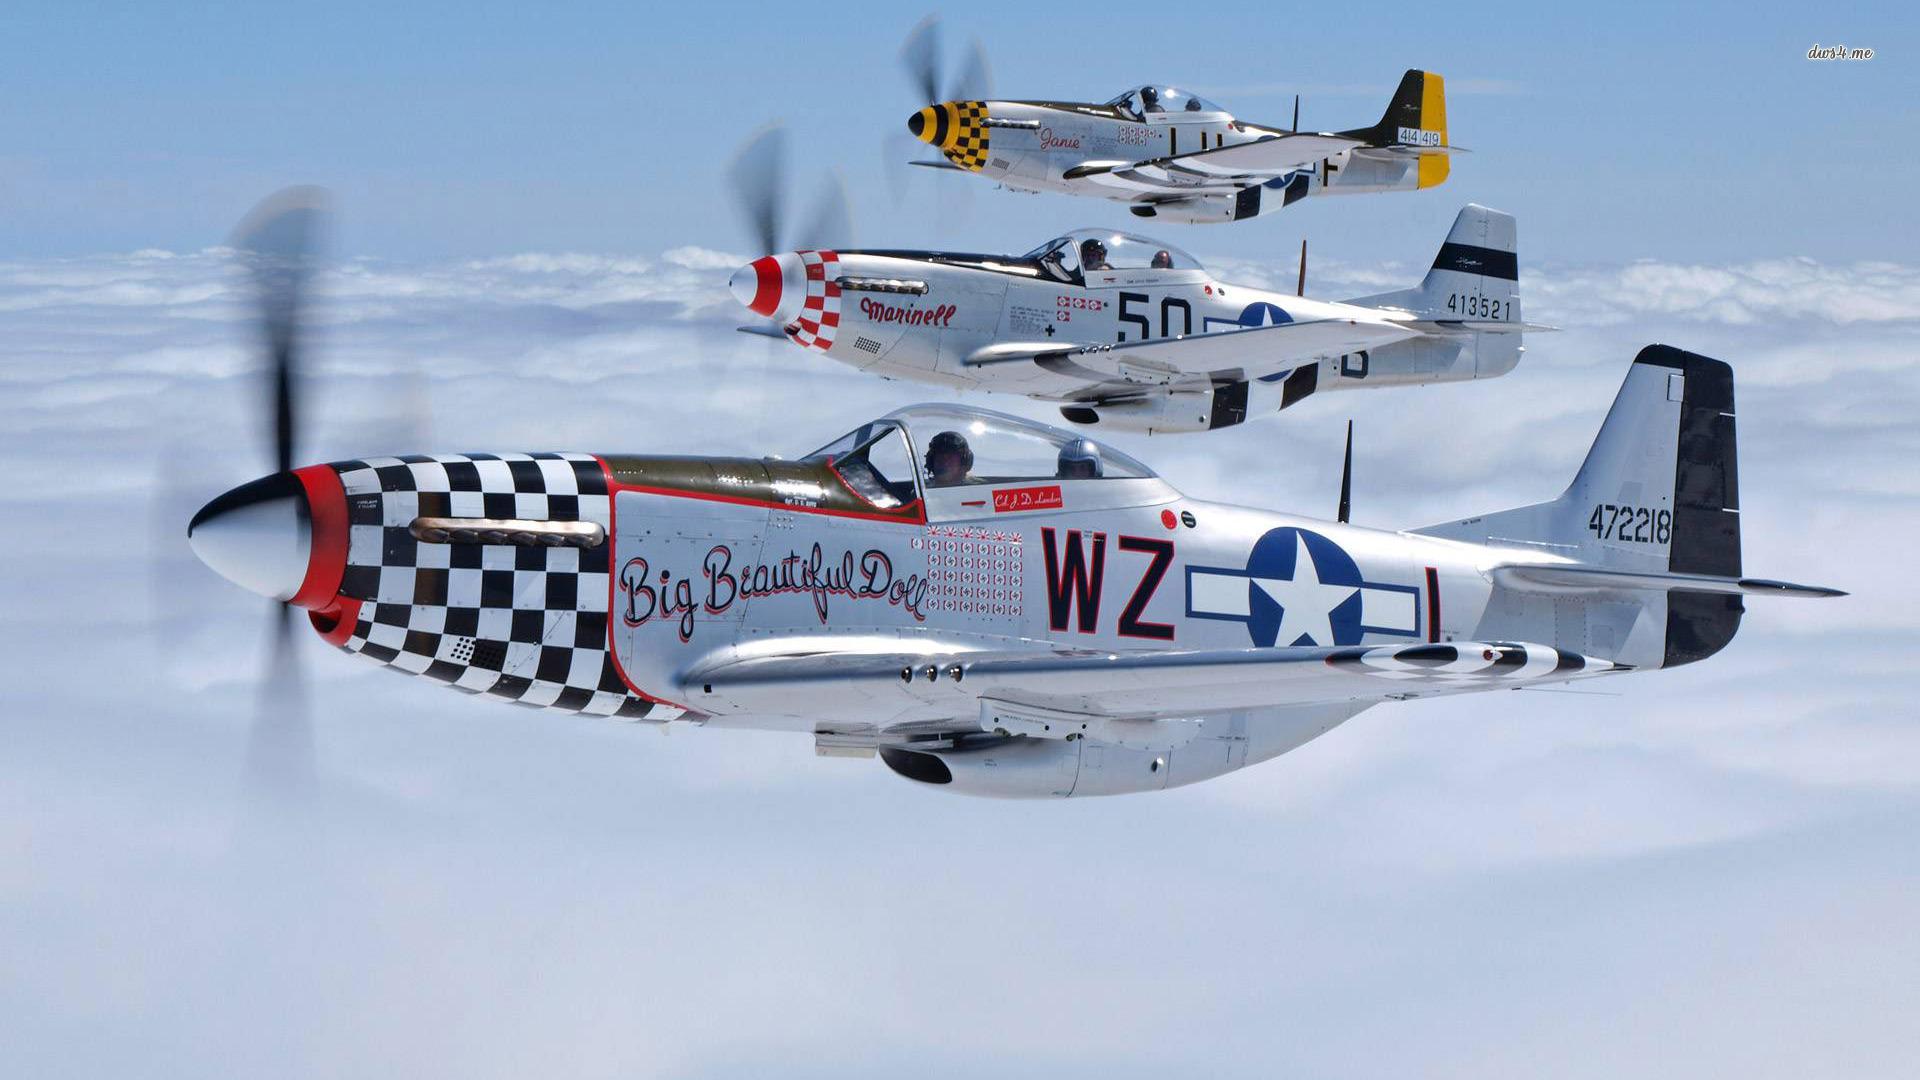 North American P 51 Mustang wallpaper   Aircraft wallpapers   5646 1920x1080